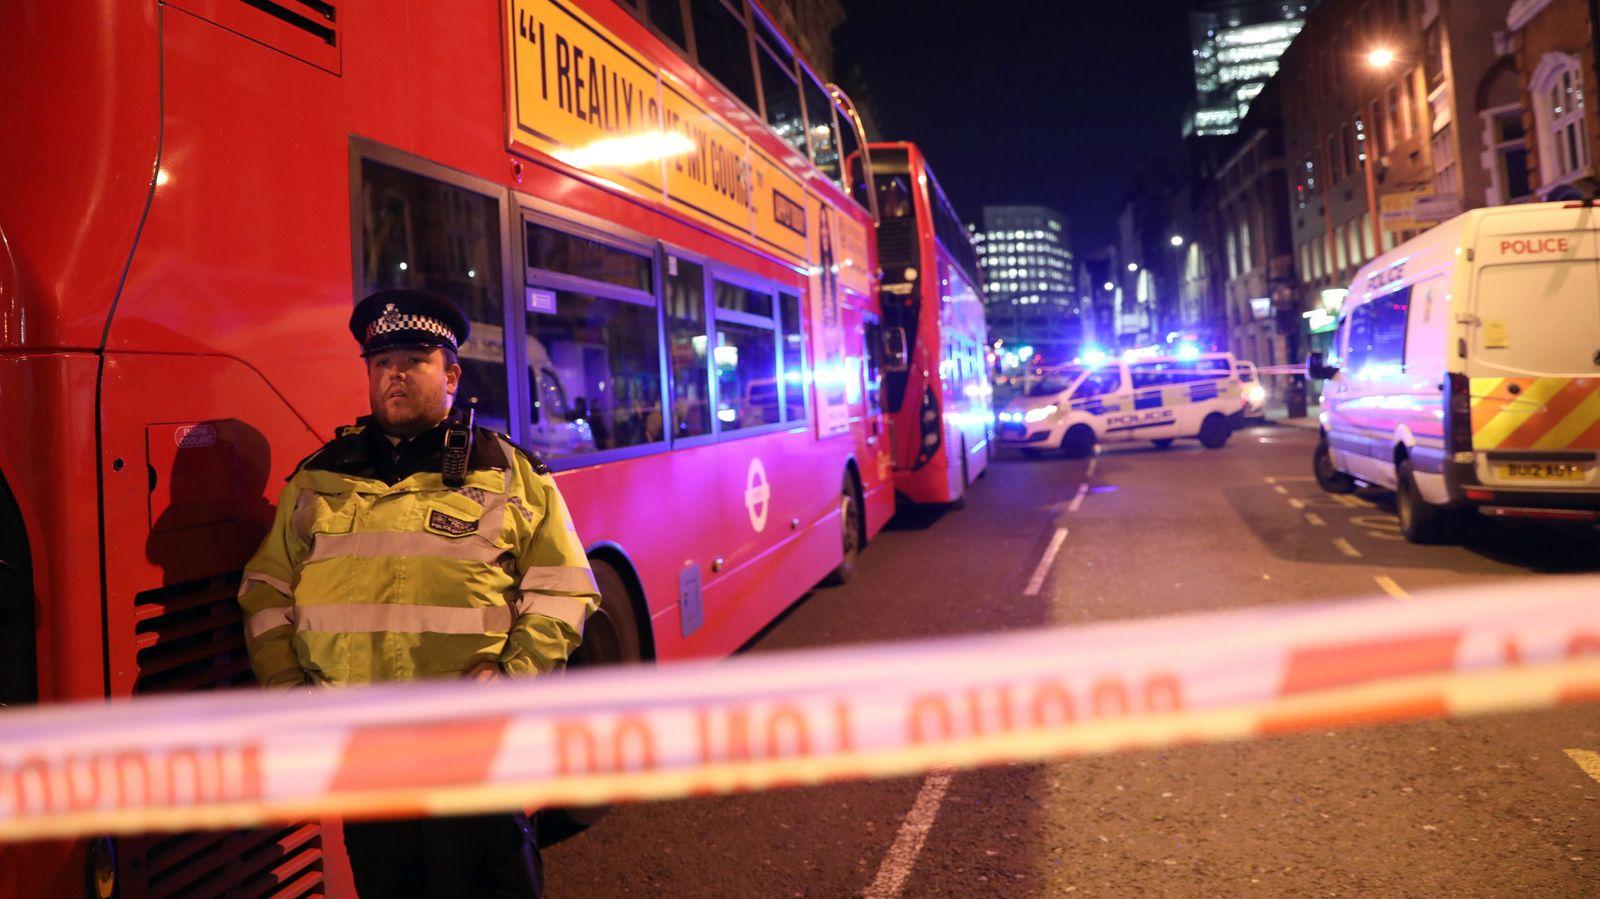 Polizeibeamte sperren den Tatort auf der Südseite der London Bridge nach einer Messerattacke, die sich auf der London Bridge ereignete.